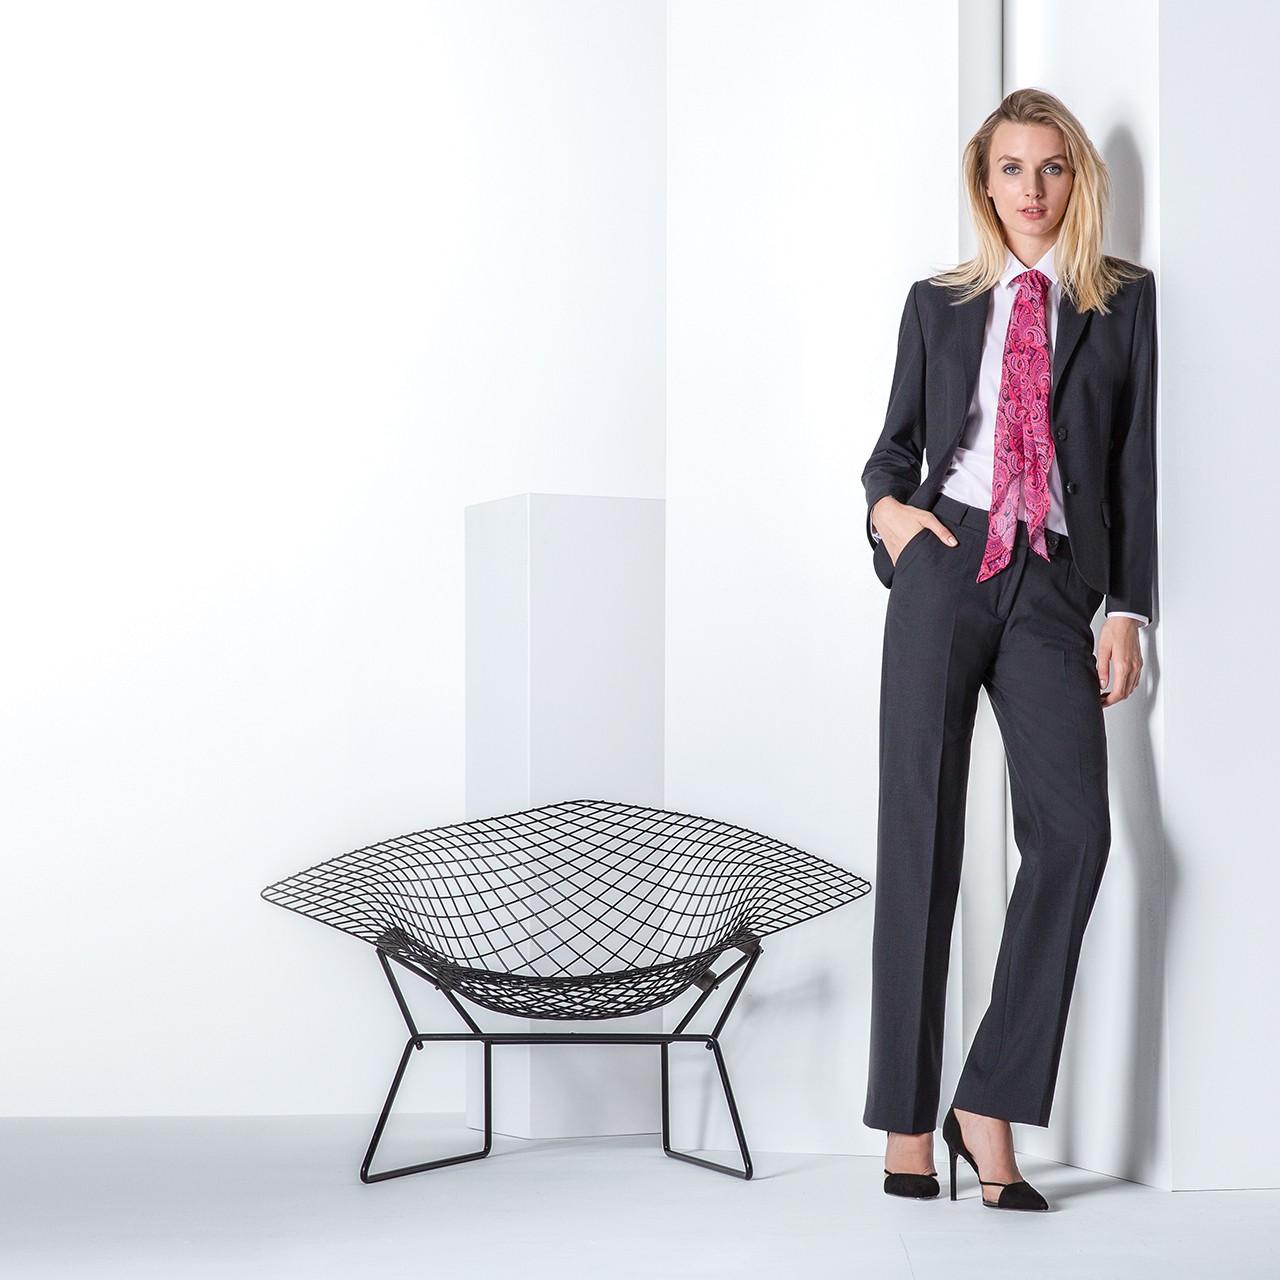 Damen Hose Comfort Fit Greiff® | bedrucken, besticken, bedrucken lassen, besticken lassen, mit Logo |